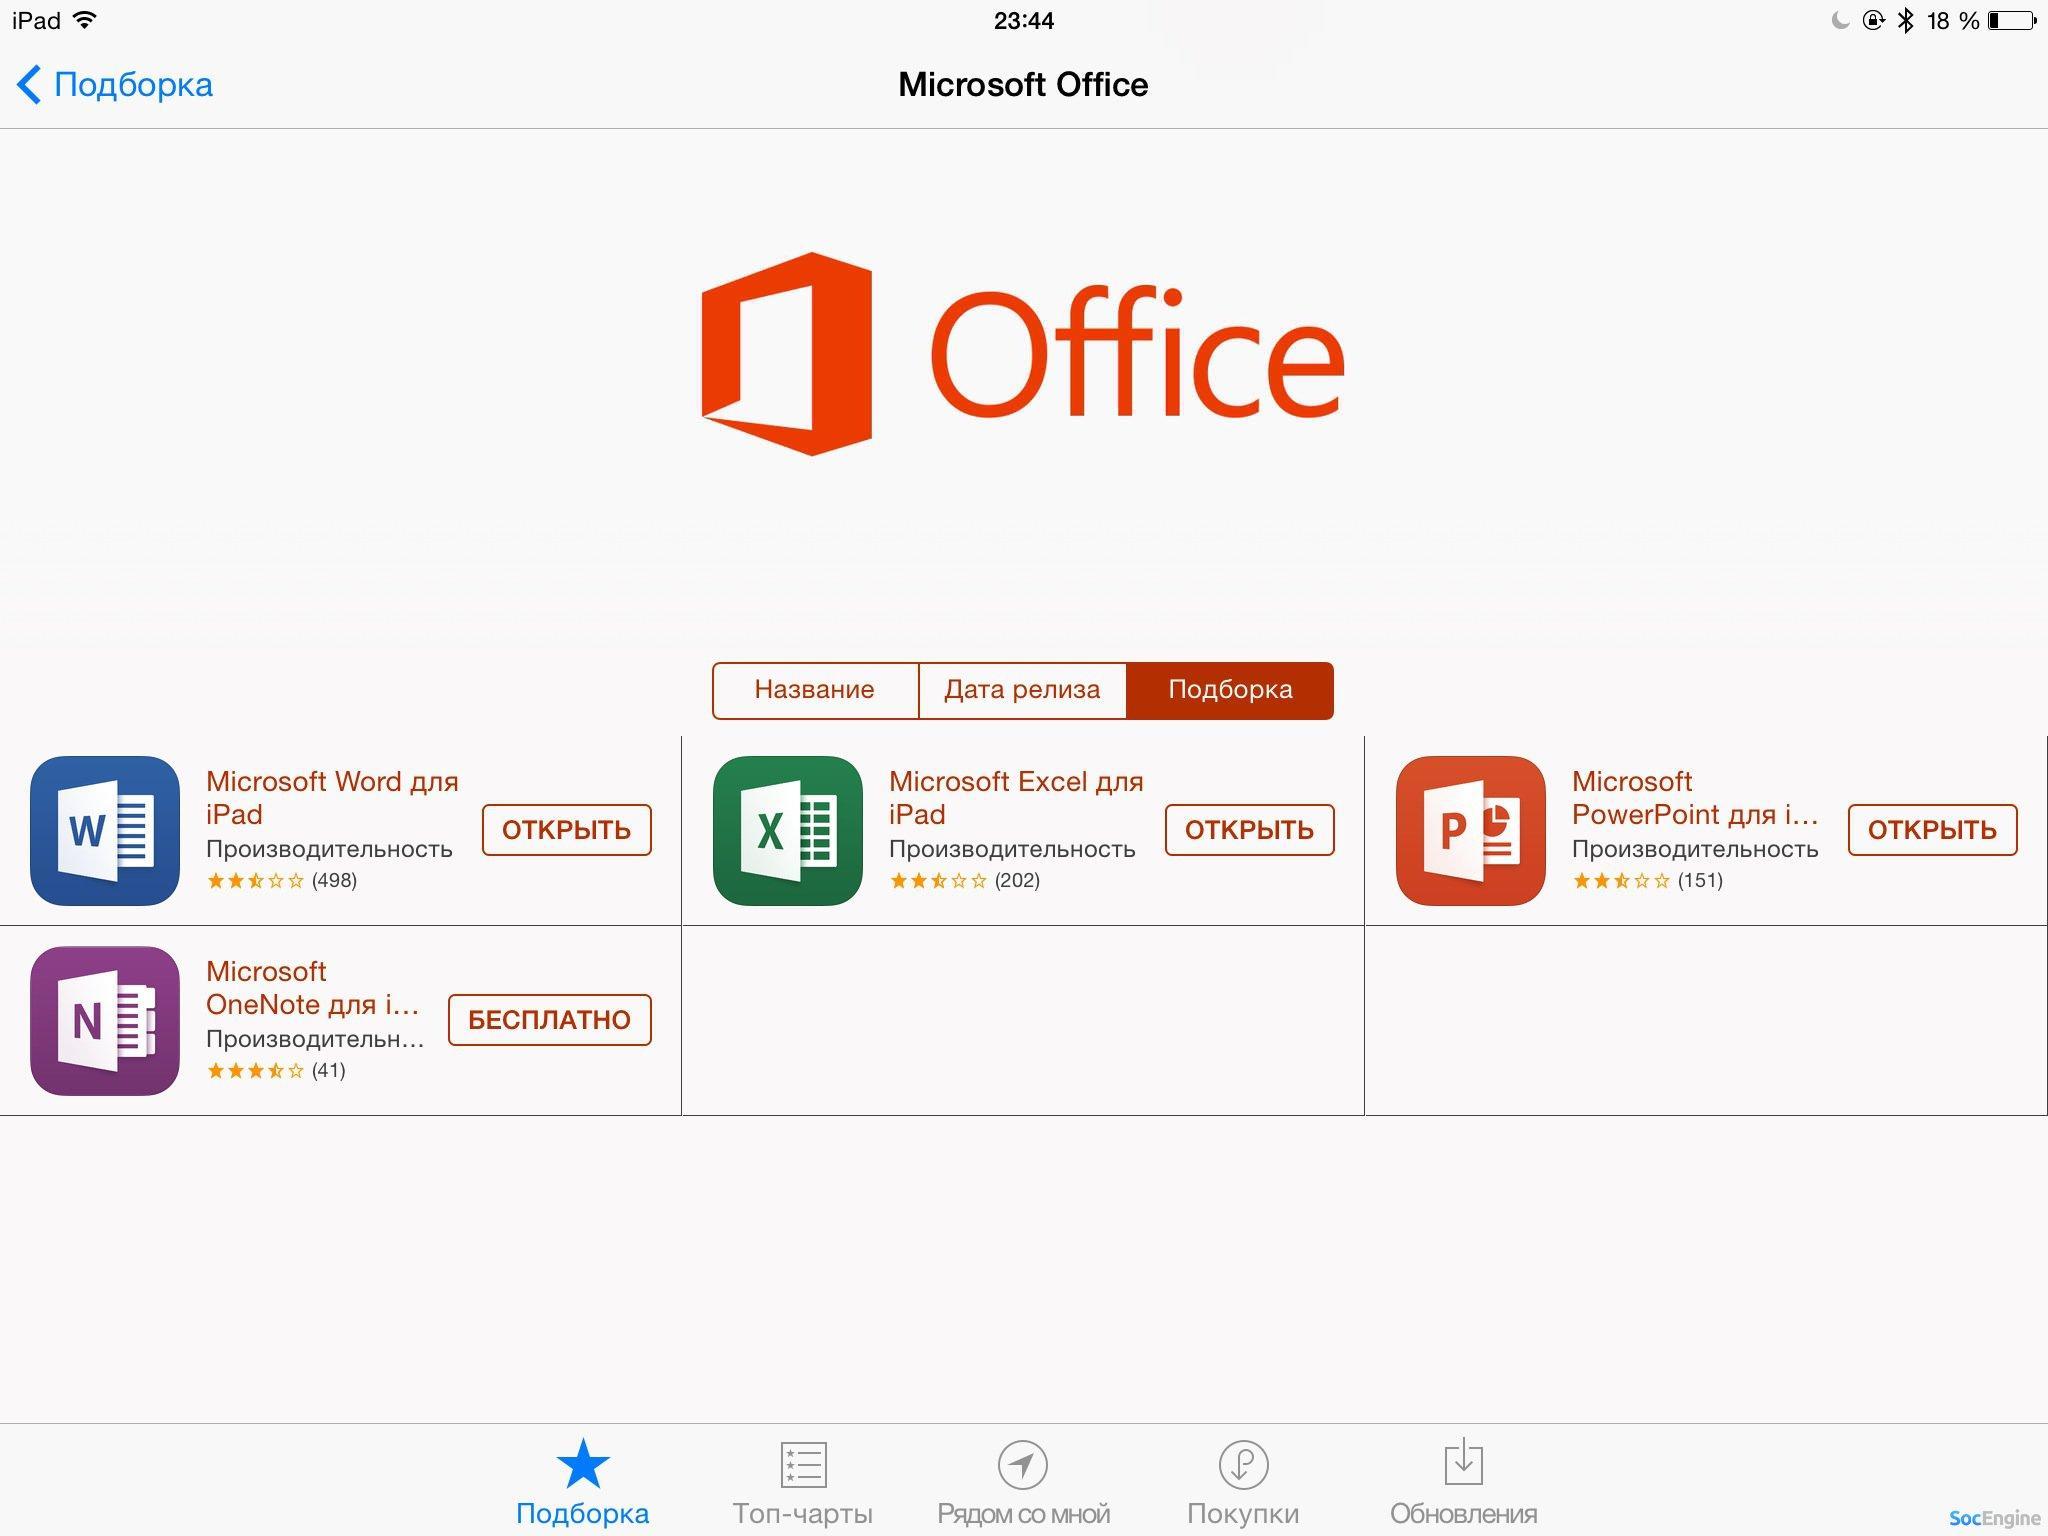 Вышел бесплатный Microsoft Office для планшетов Android